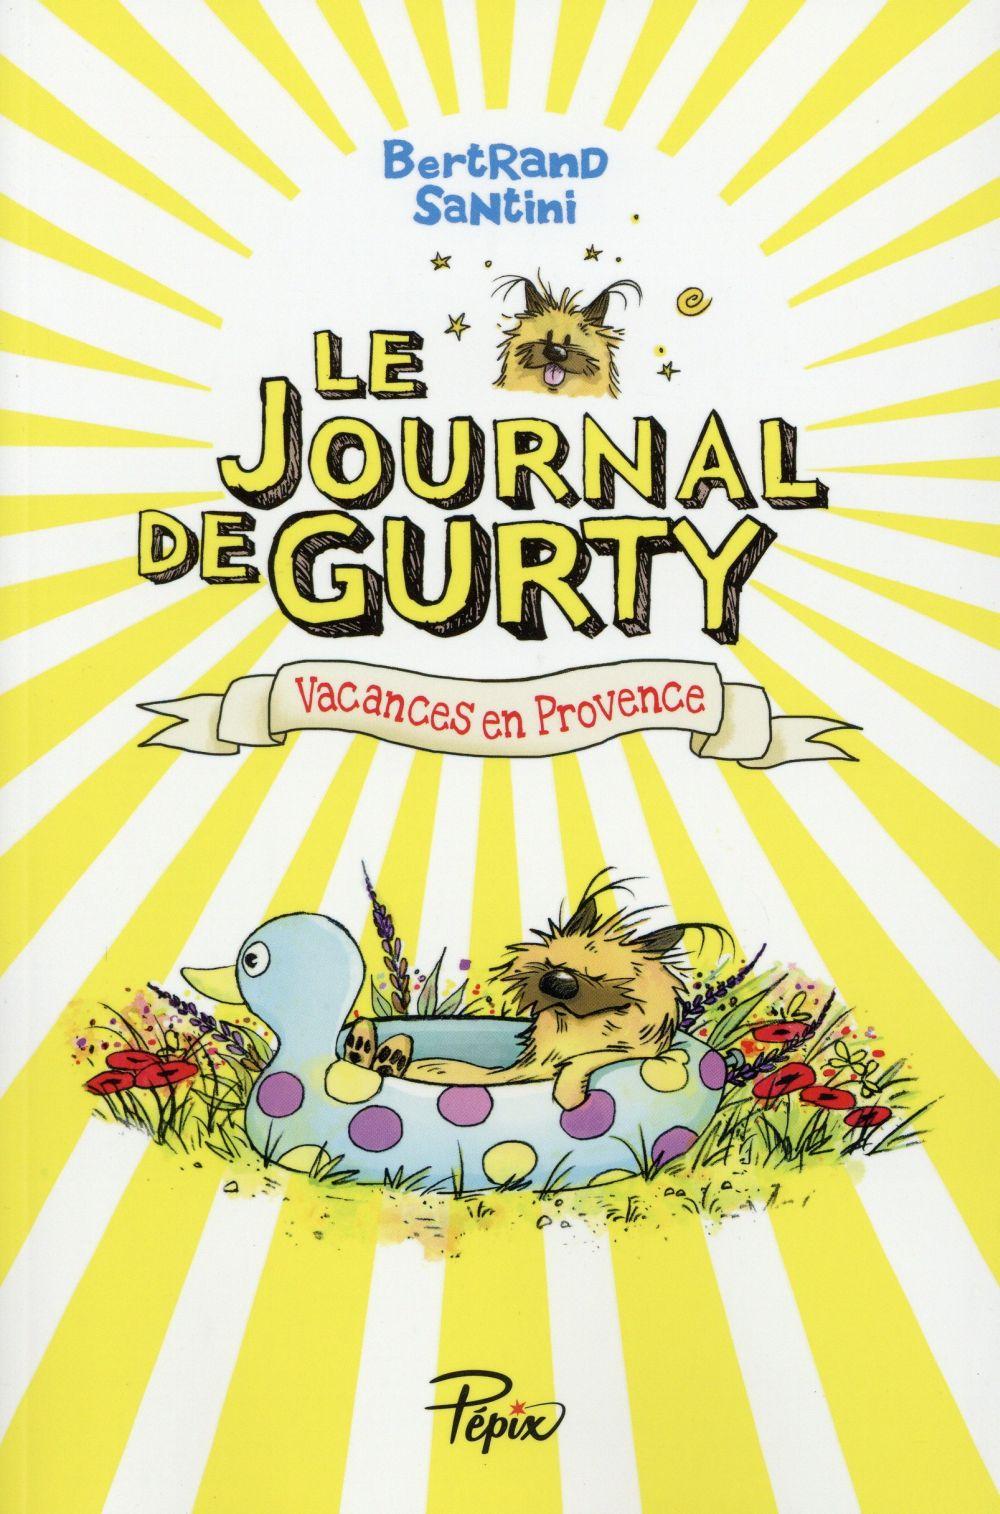 Le journal de Gurty : Vacances en Provence / Bertrand Santini | Santini, Bertrand (1968-....). Auteur